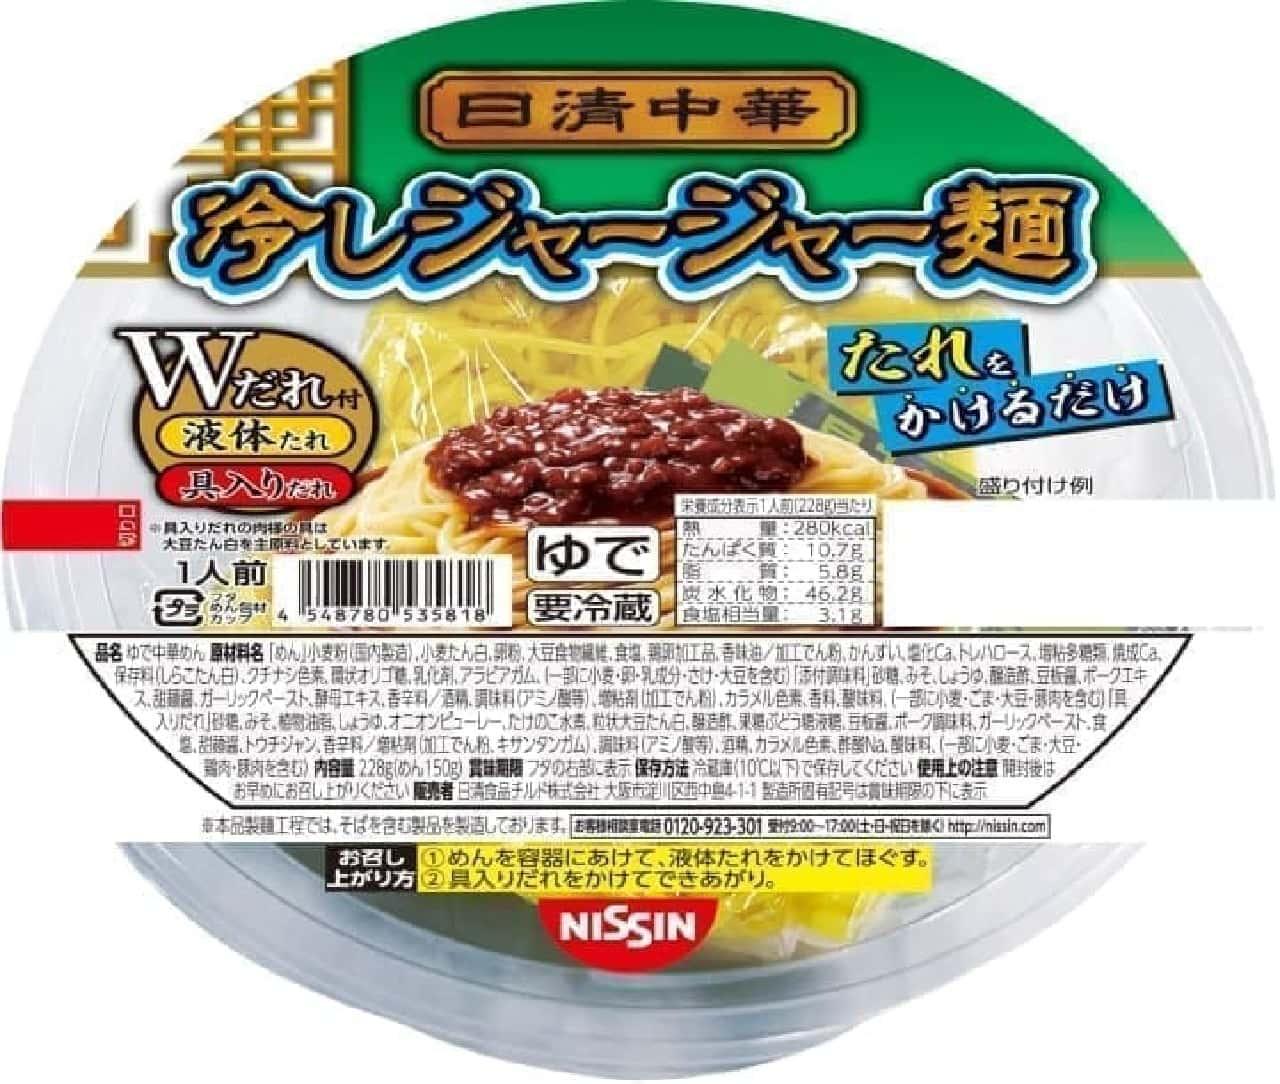 日清食品「チルドカップ 日清中華 冷しジャージャー麺」